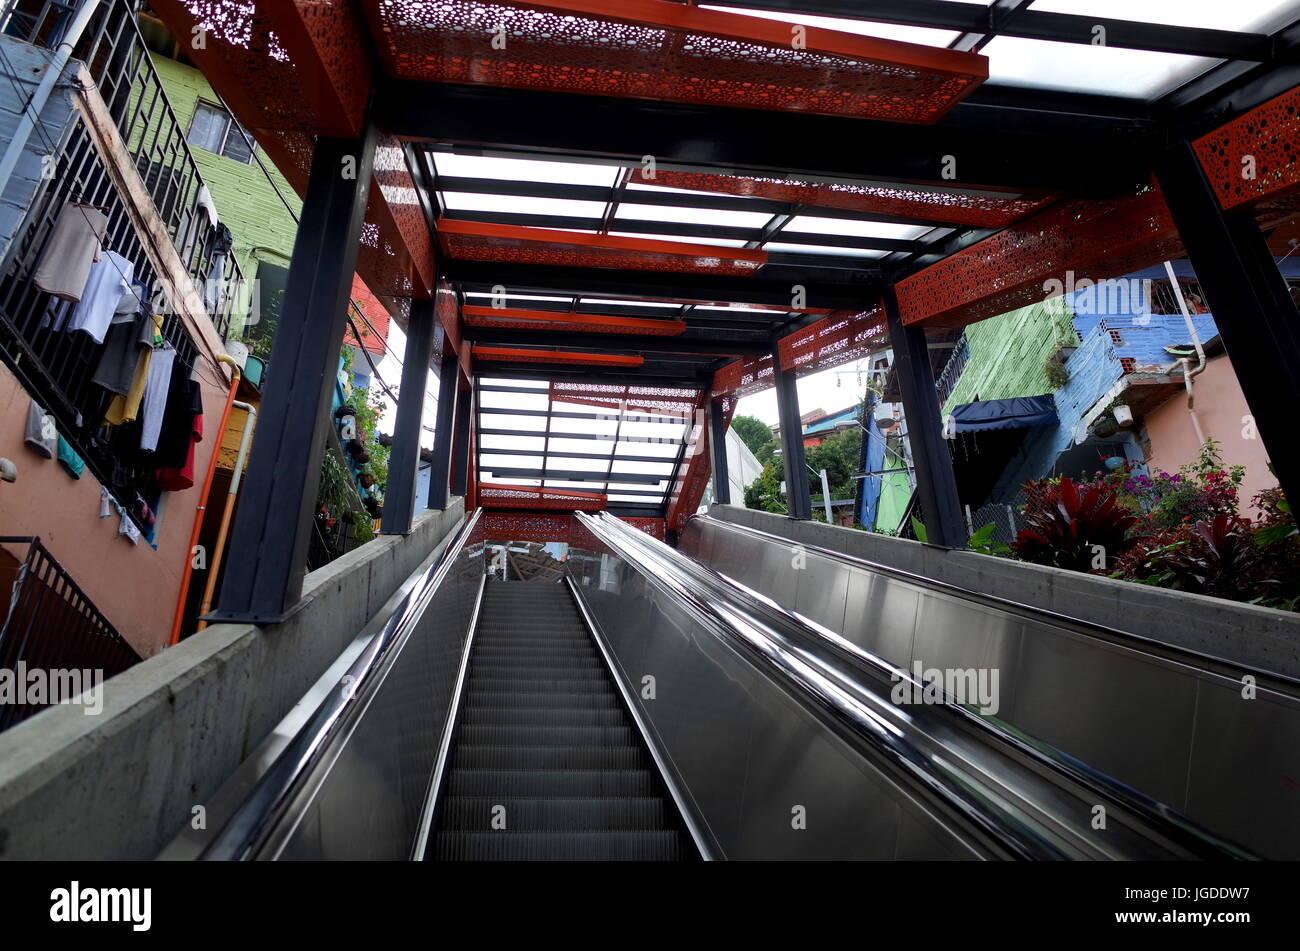 17 Dec 2014, Medellín, Colombia - Medellín escaleras mecánicas en la Comuna 13 pobres representan Imagen De Stock